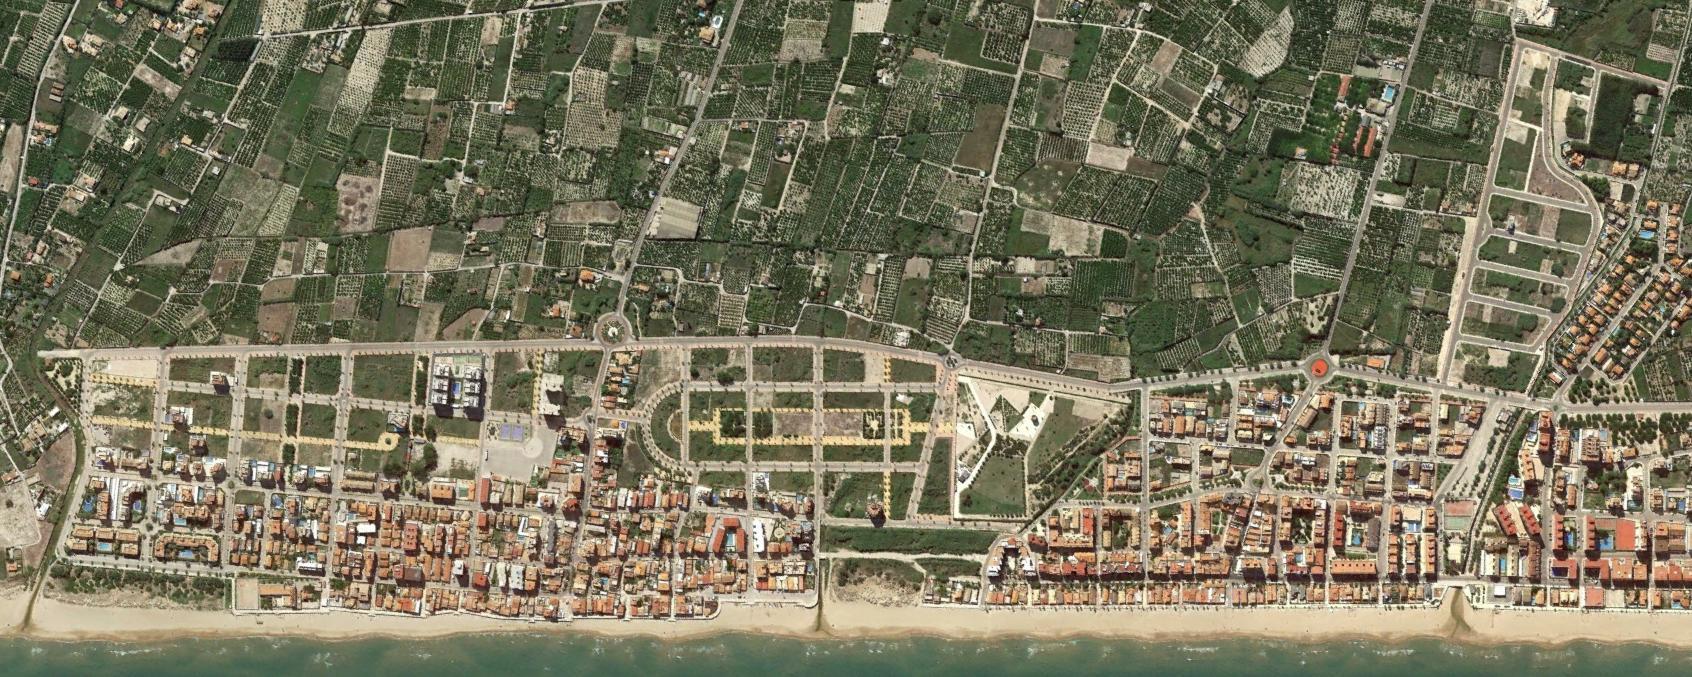 piles playa, valencia, piles the beaver, después, urbanismo, planeamiento, urbano, desastre, urbanístico, construcción, rotondas, carretera